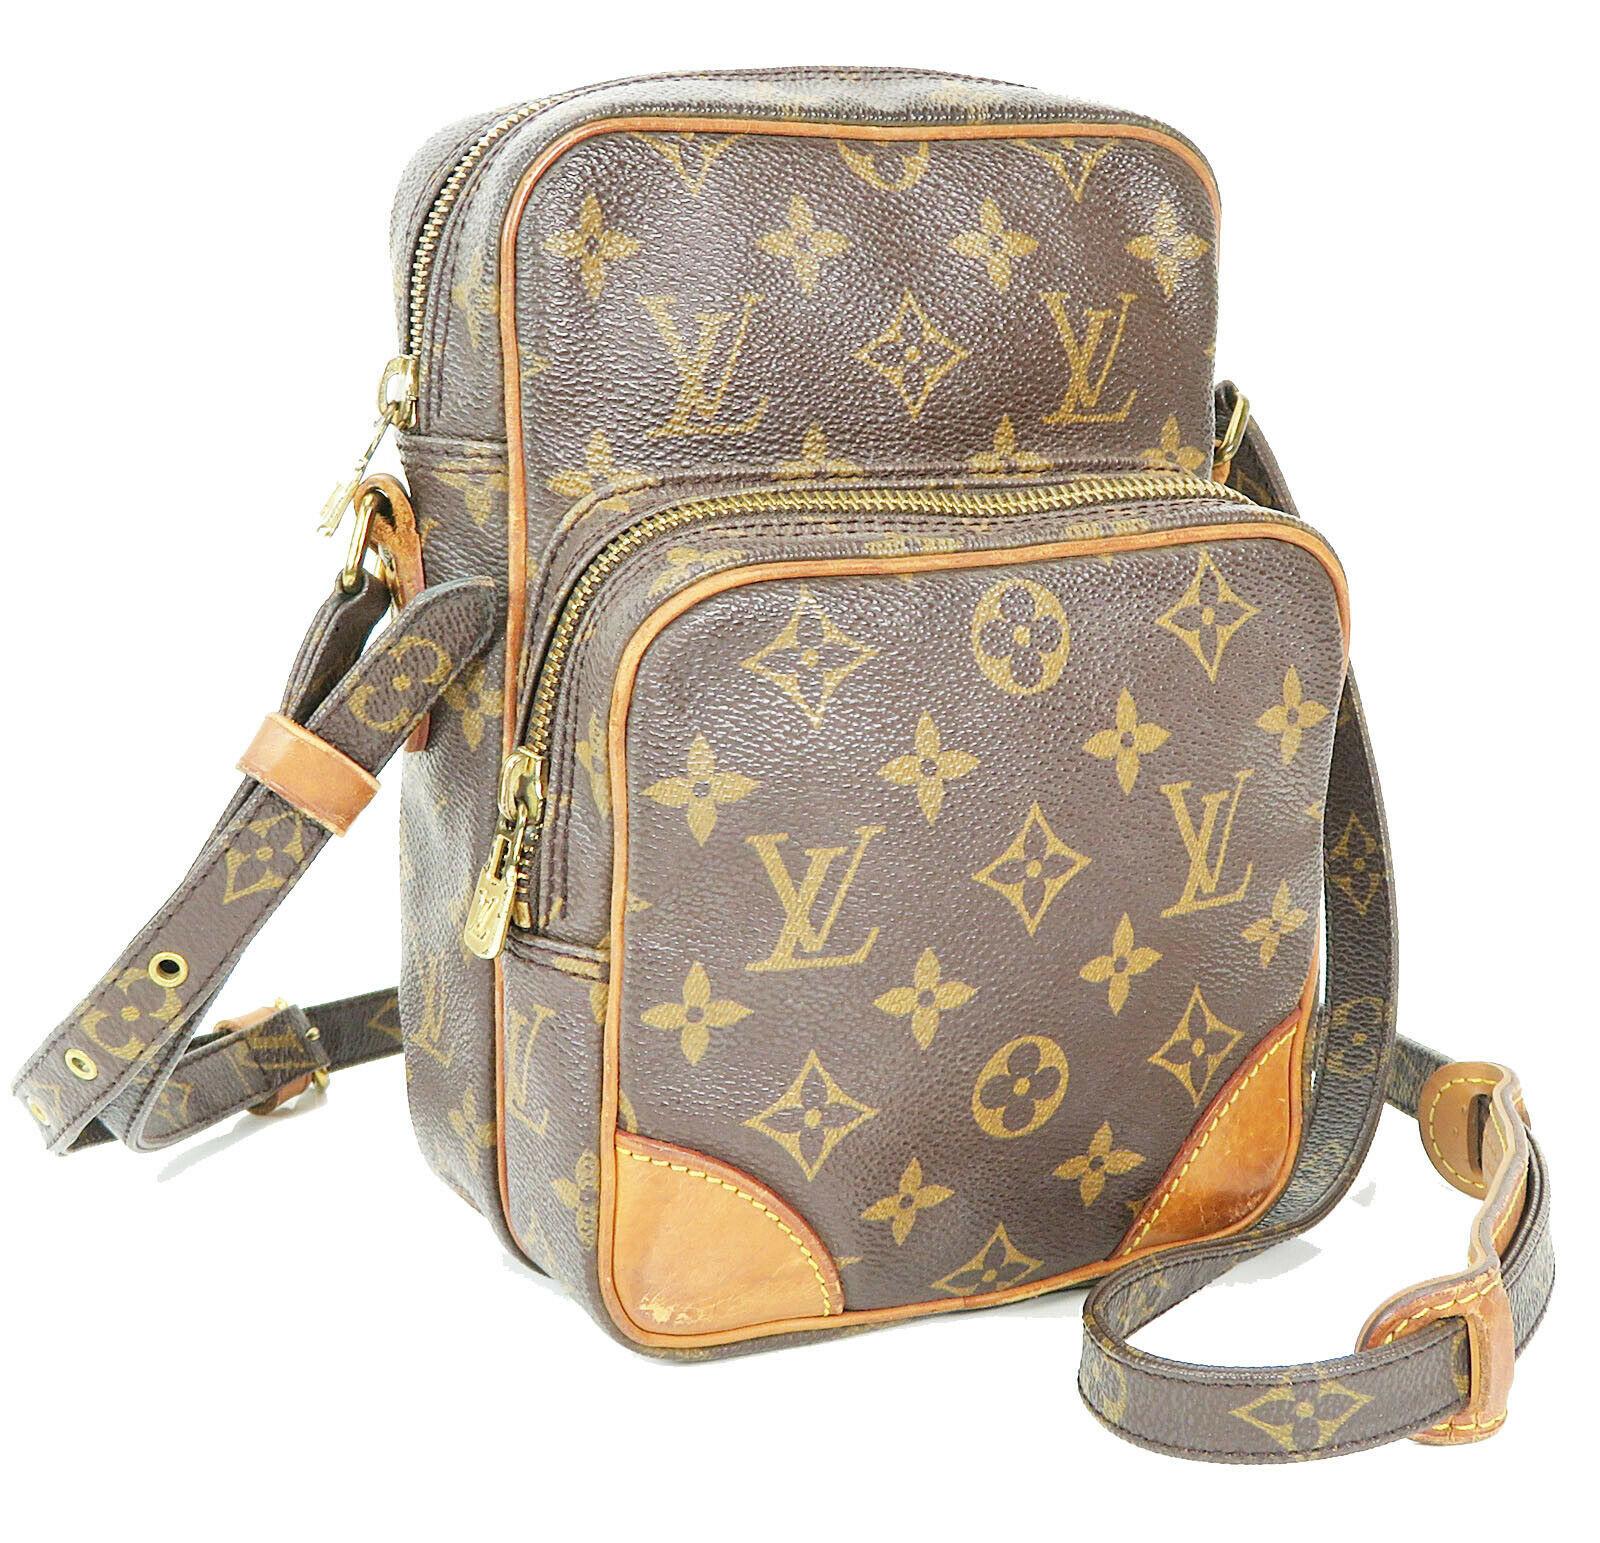 Authentic LOUIS VUITTON Amazone Monogram Cross body Shoulder Bag Purse #34636 image 3